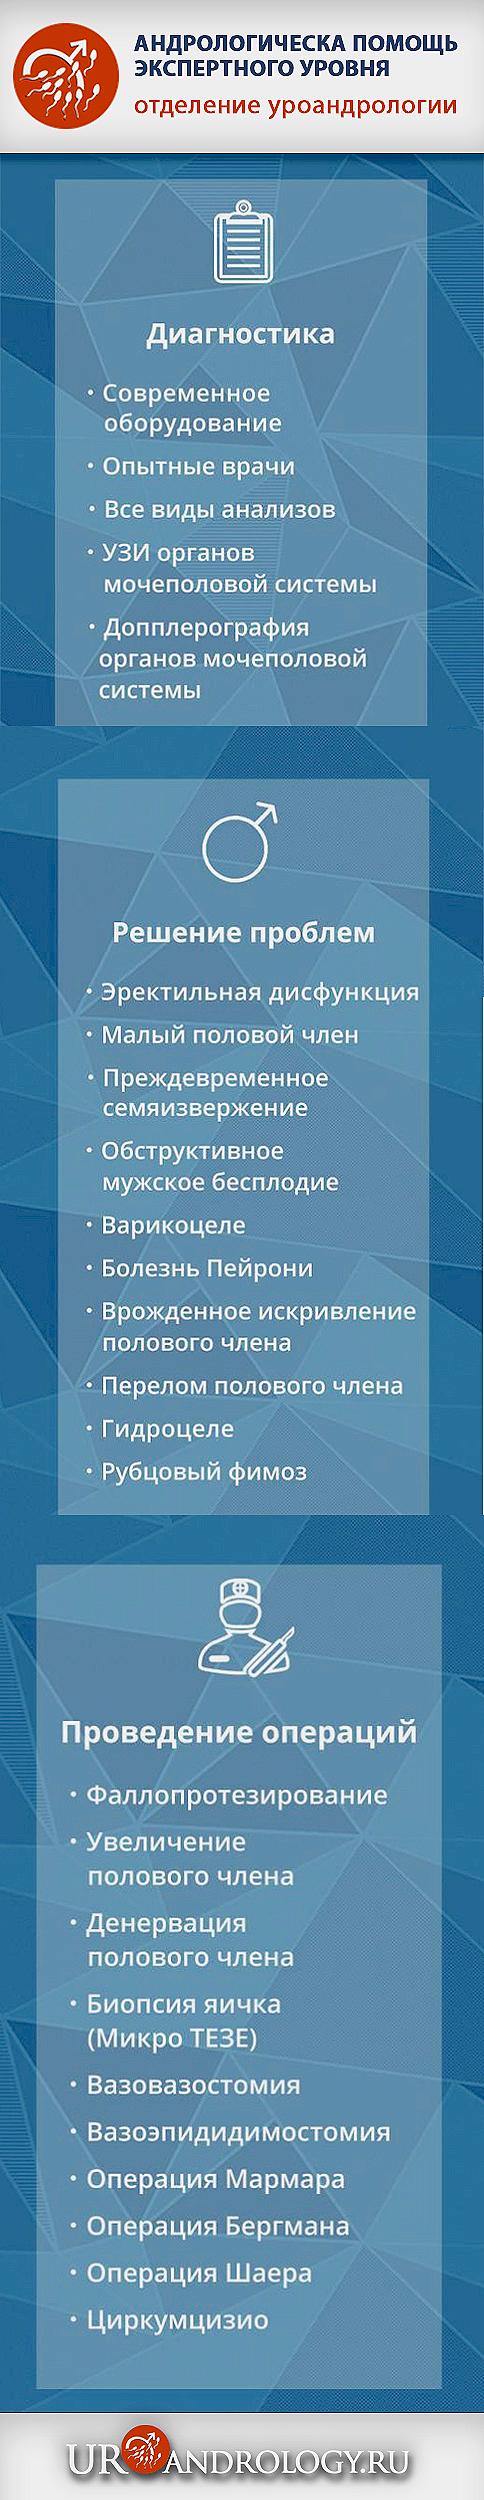 большой баннер уроандрология синий